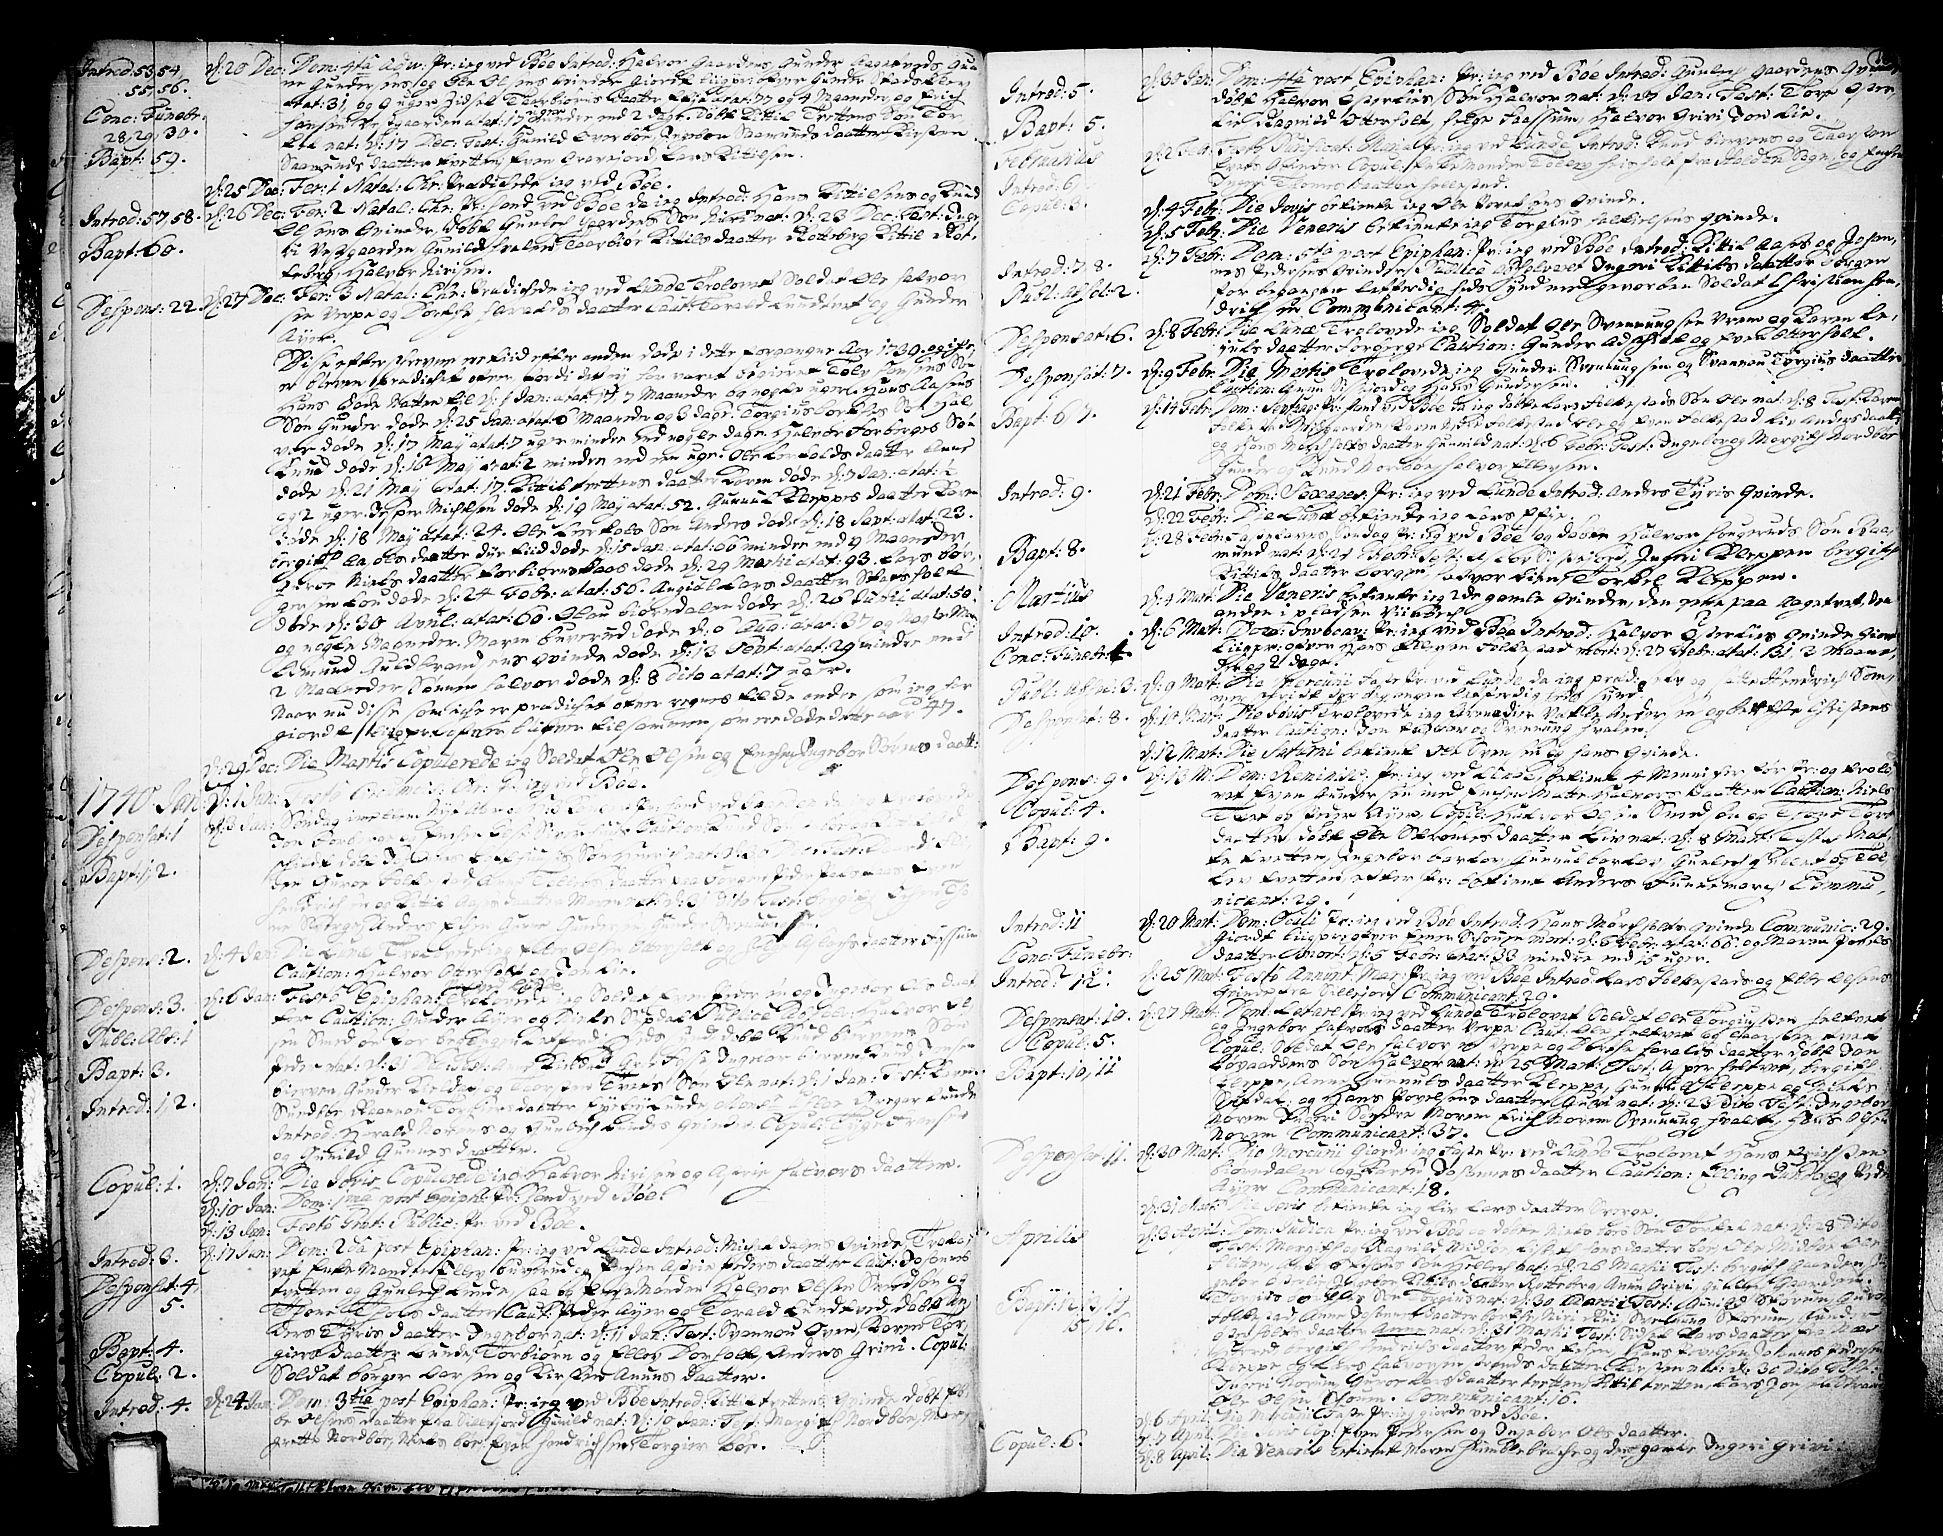 SAKO, Bø kirkebøker, F/Fa/L0003: Ministerialbok nr. 3, 1733-1748, s. 18